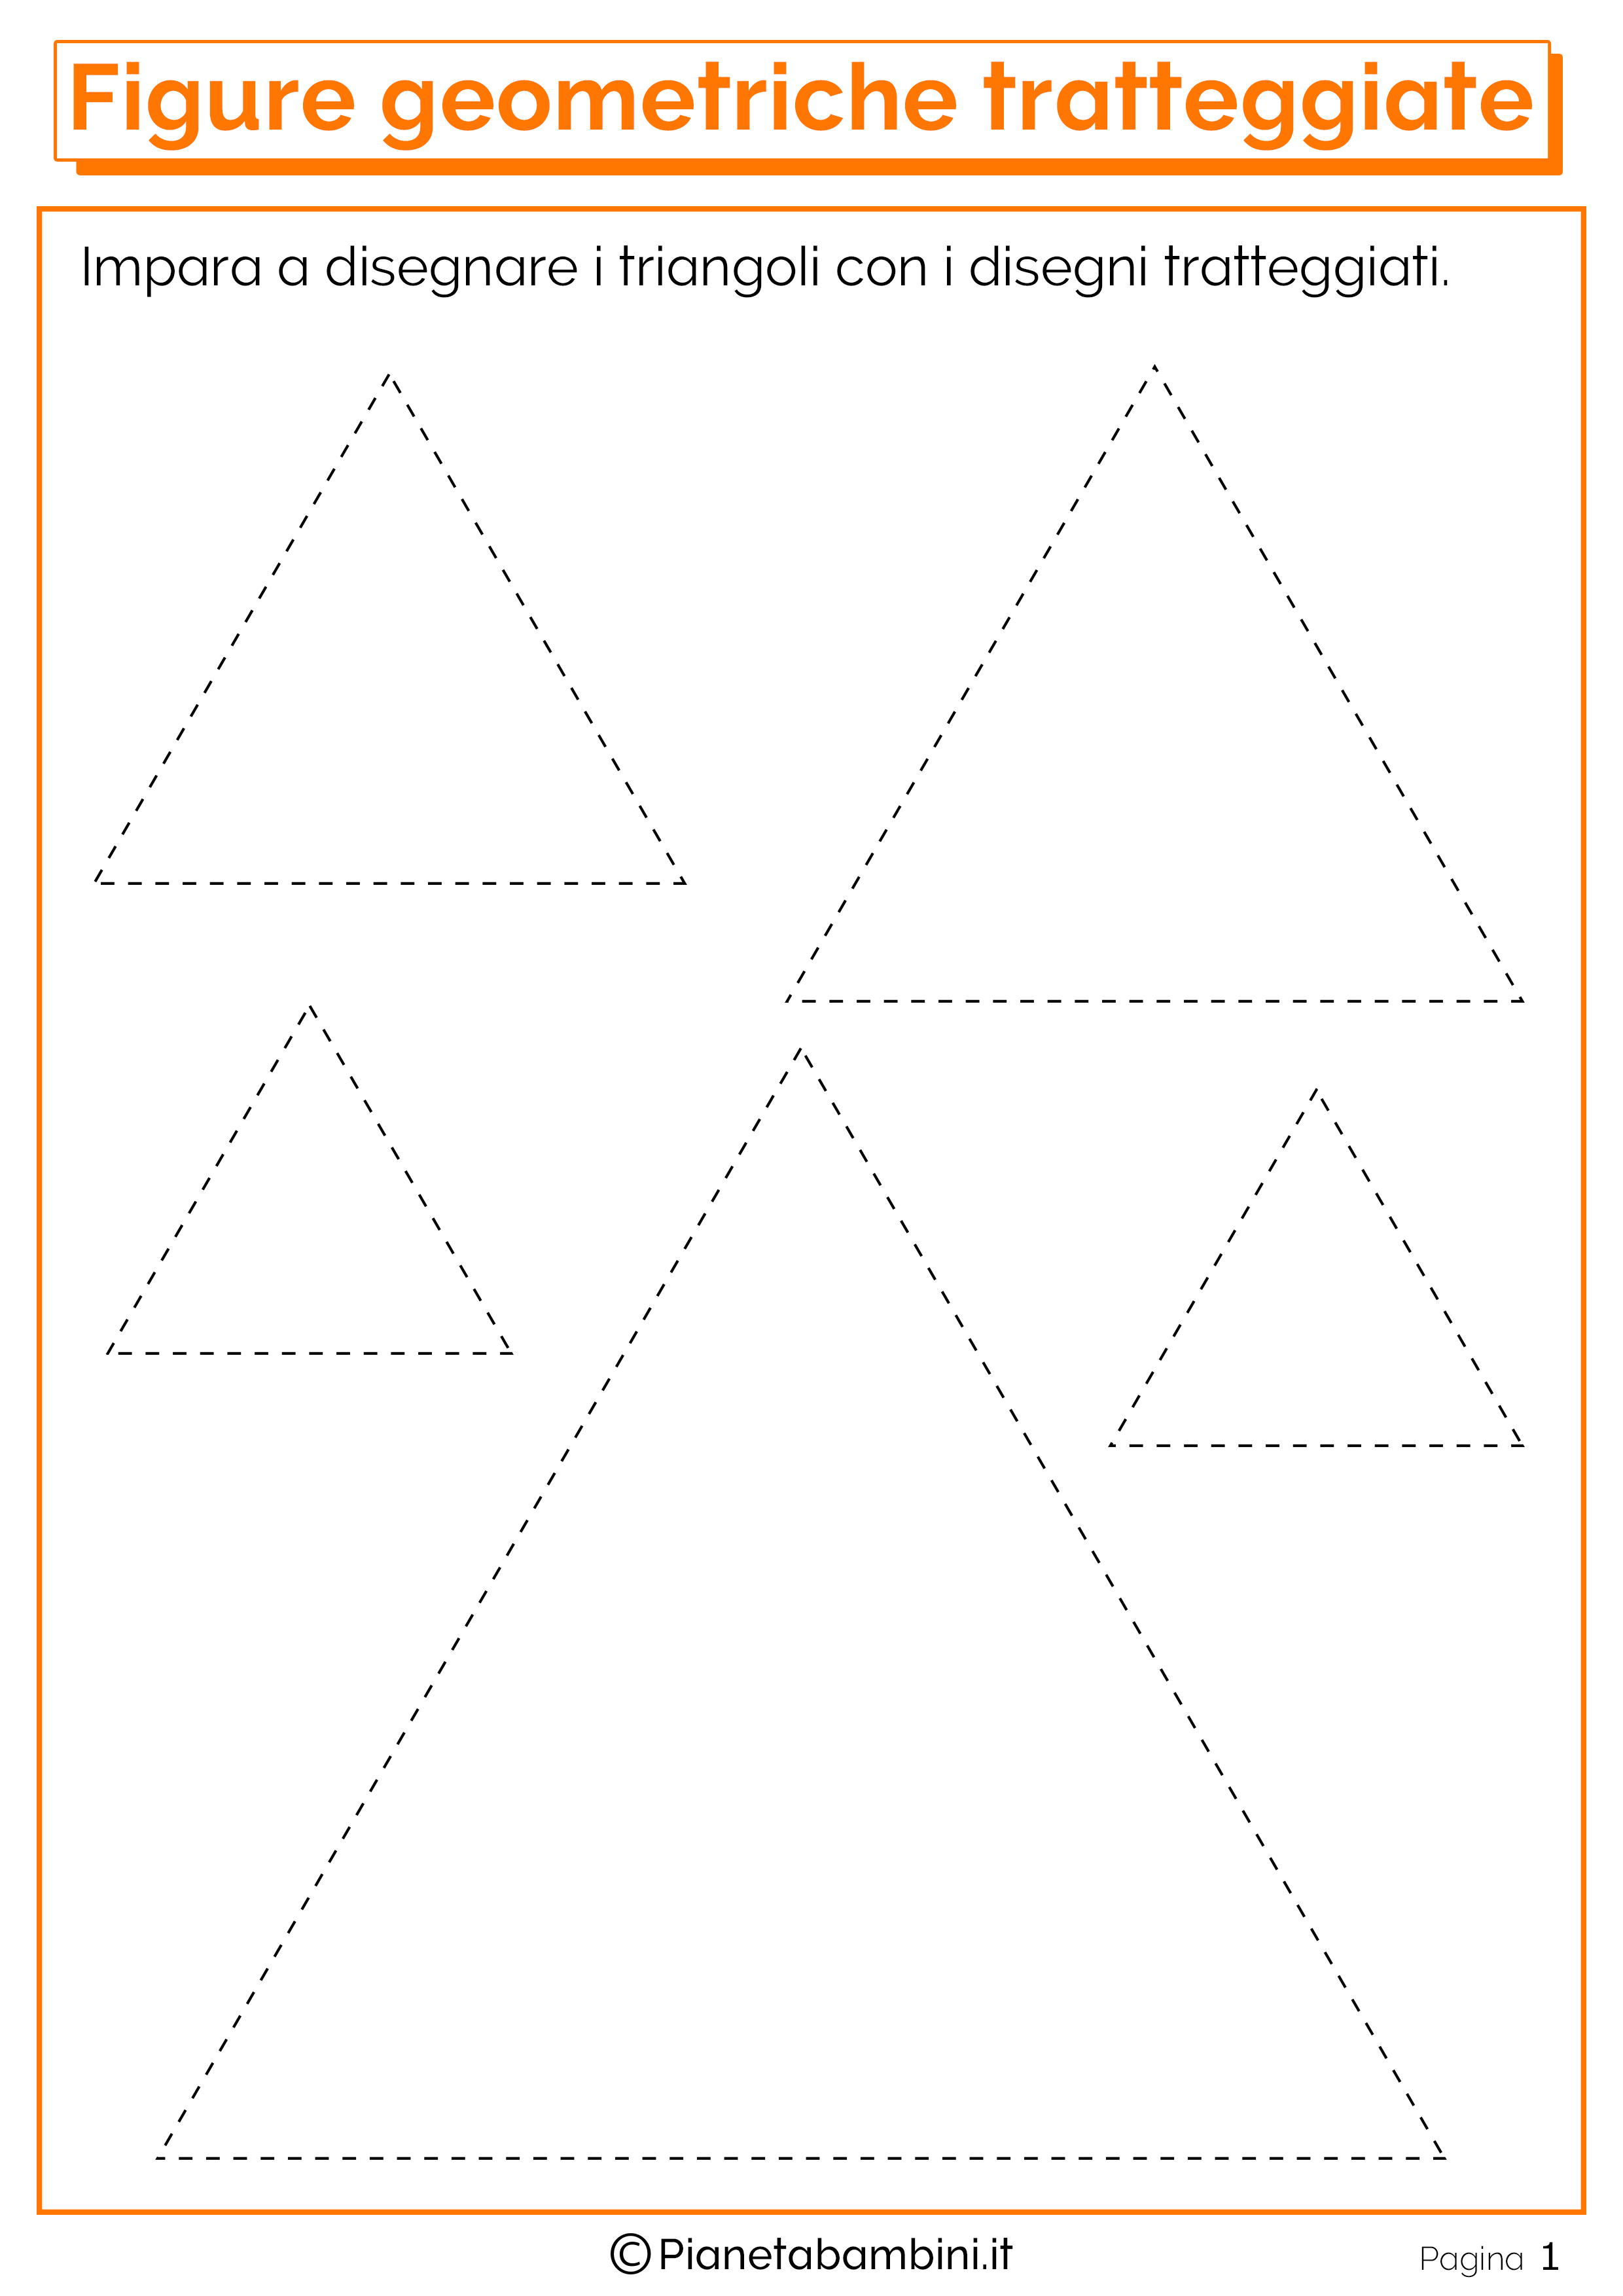 Disegni-Tratteggiati-Triangoli